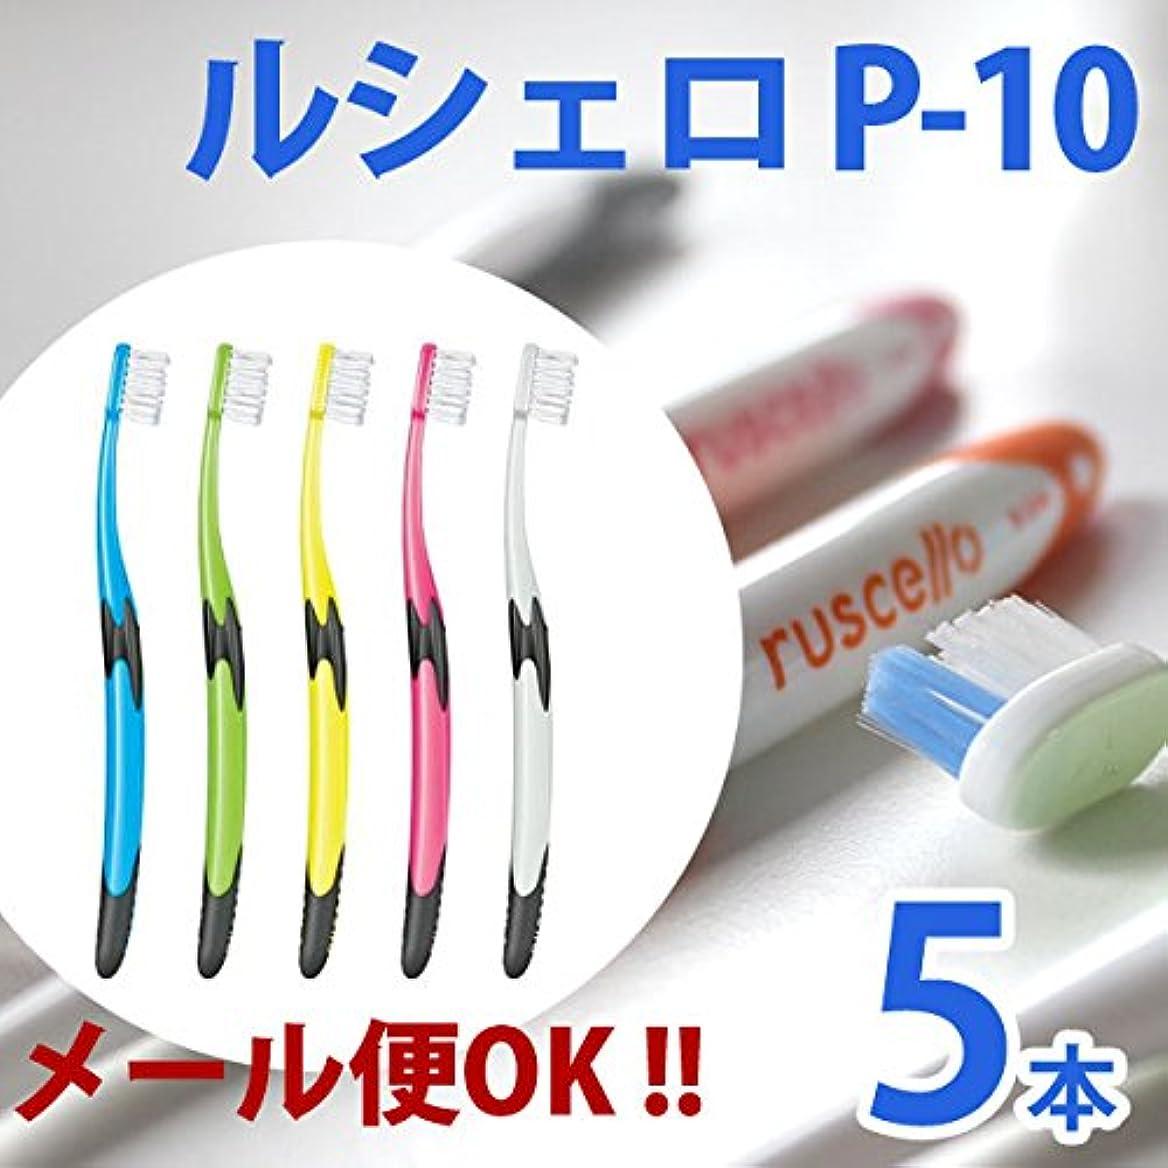 どういたしましてロバ虚栄心ルシェロ GCシェロ 歯ブラシP-10 5色アソート 5本セット 歯周疾患の方向け。極細のテーパー毛が Sやわらかめ